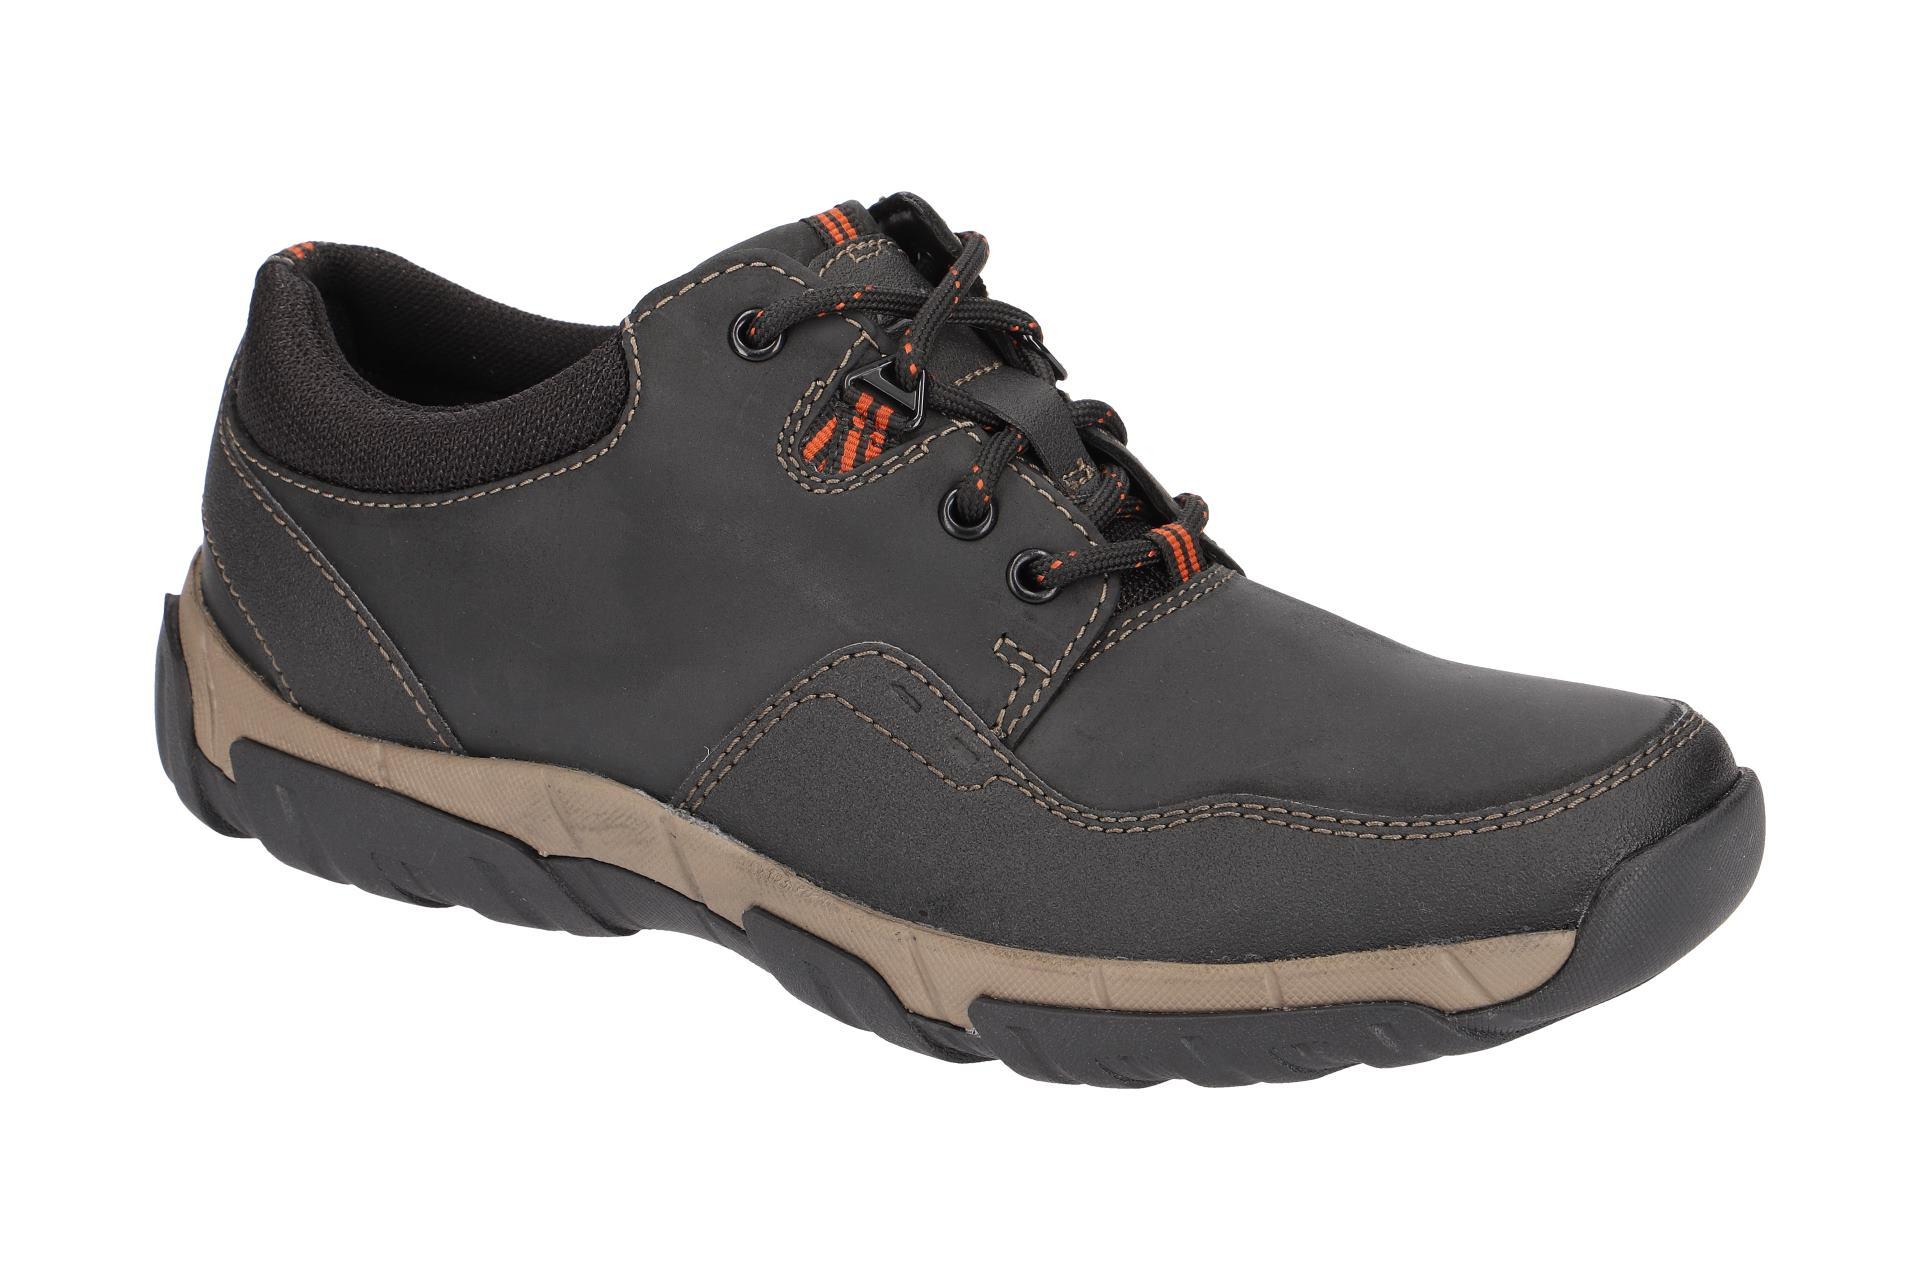 Clarks Schuhe WALBECK EDGE II schwarz Herrenschuhe 26138656 7 NEU   eBay 3e5973c5af